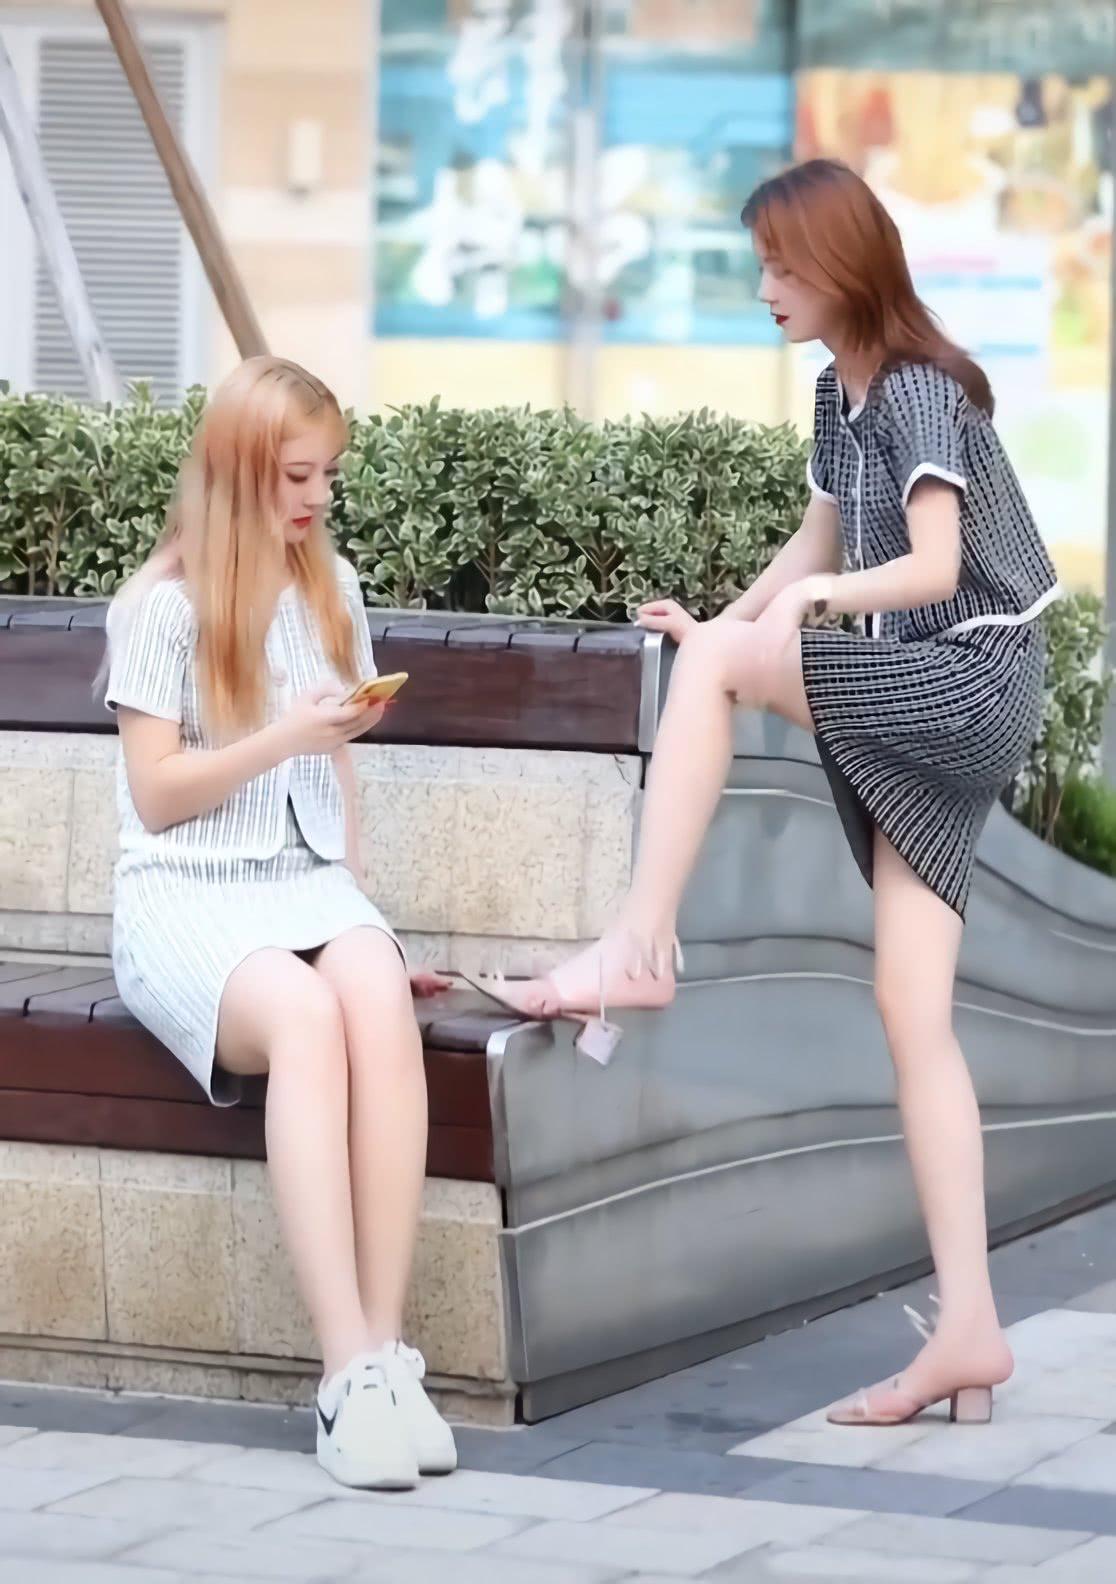 """她是嫉妒闺蜜的""""弹簧鞋""""比小白鞋好看吗?直接拿走了,可恶!"""